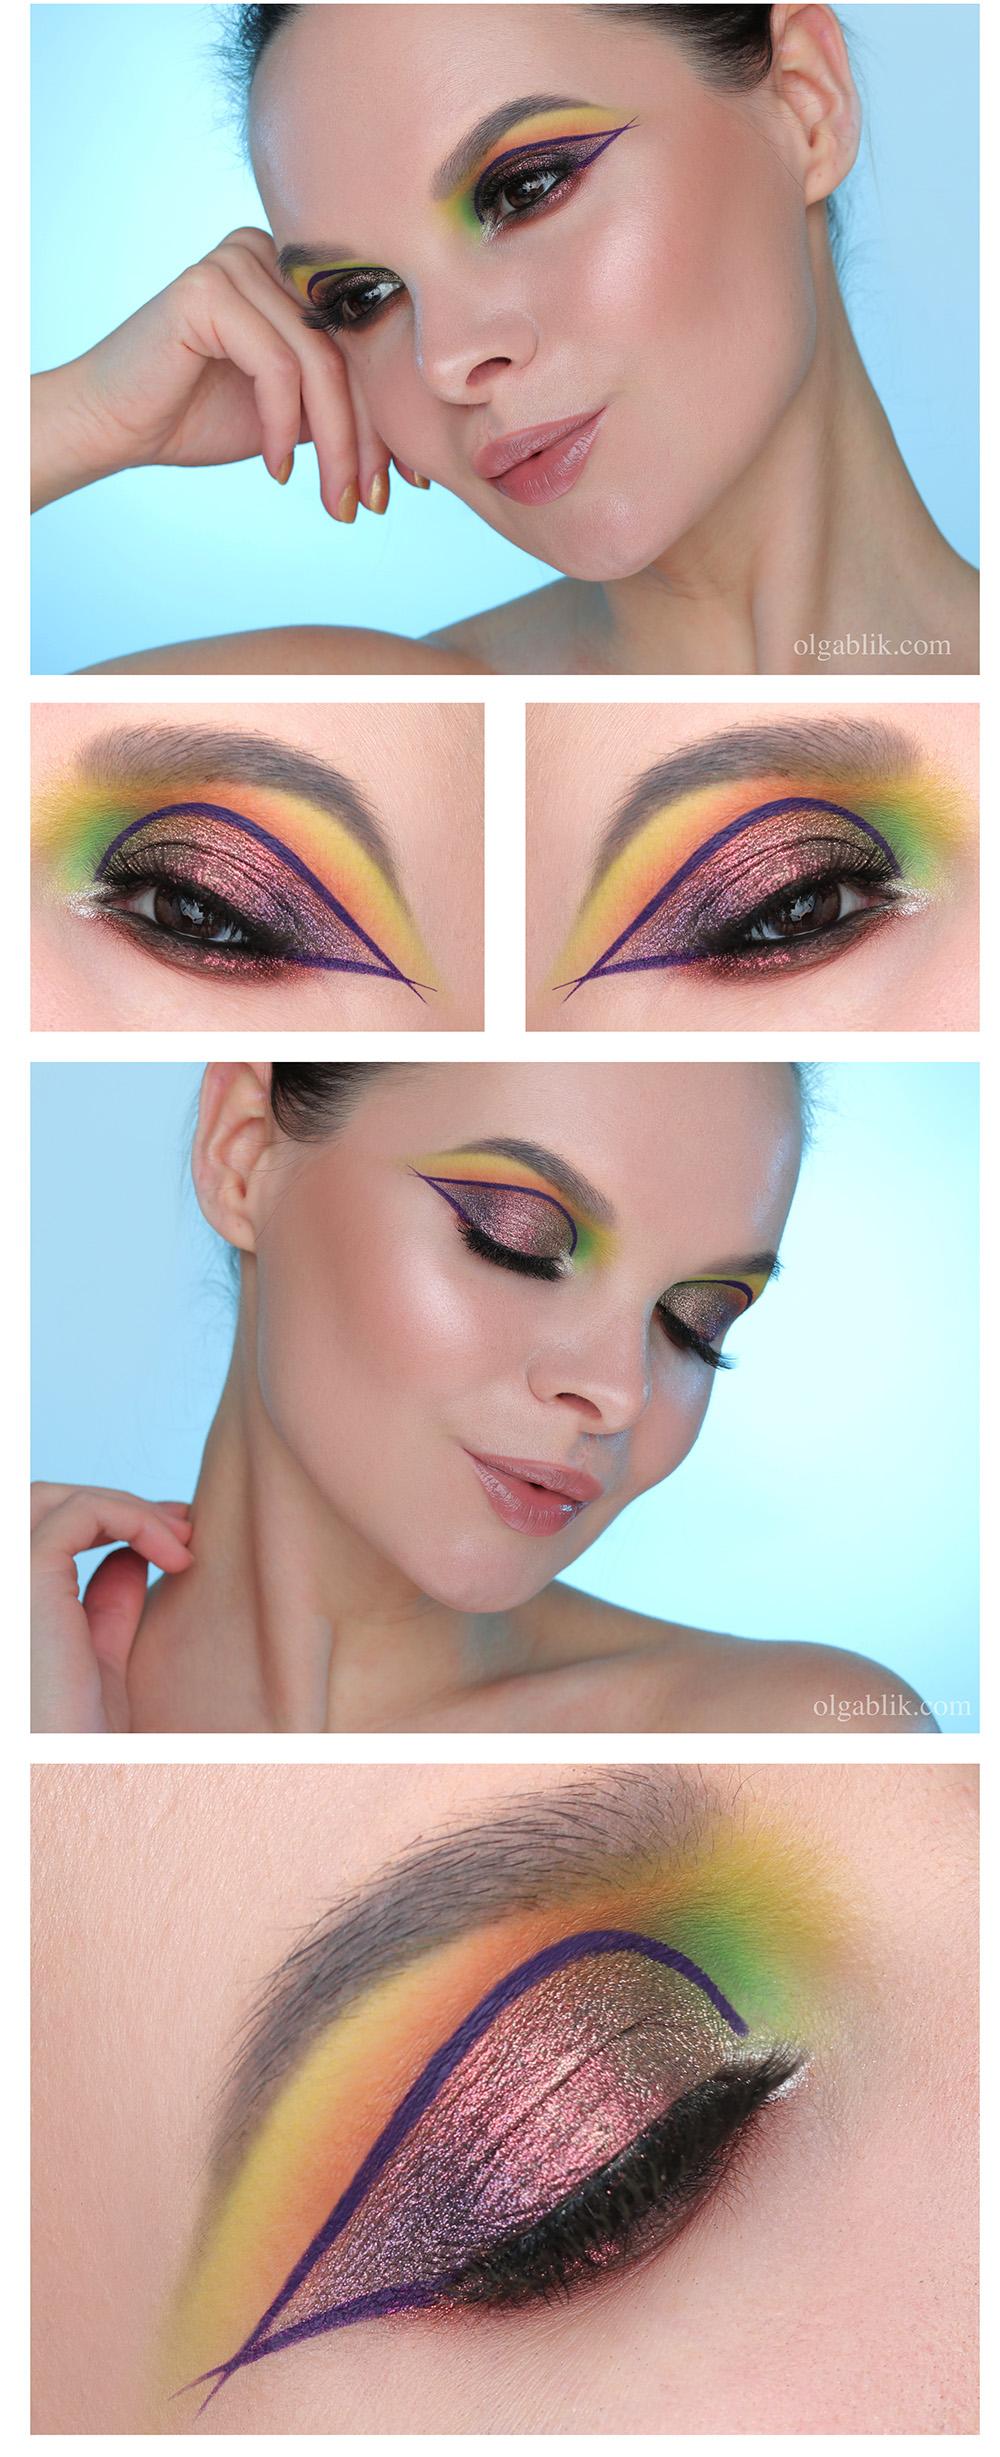 Макияж со стрелками и блестками на глазах, как сделать макияж со стрелками